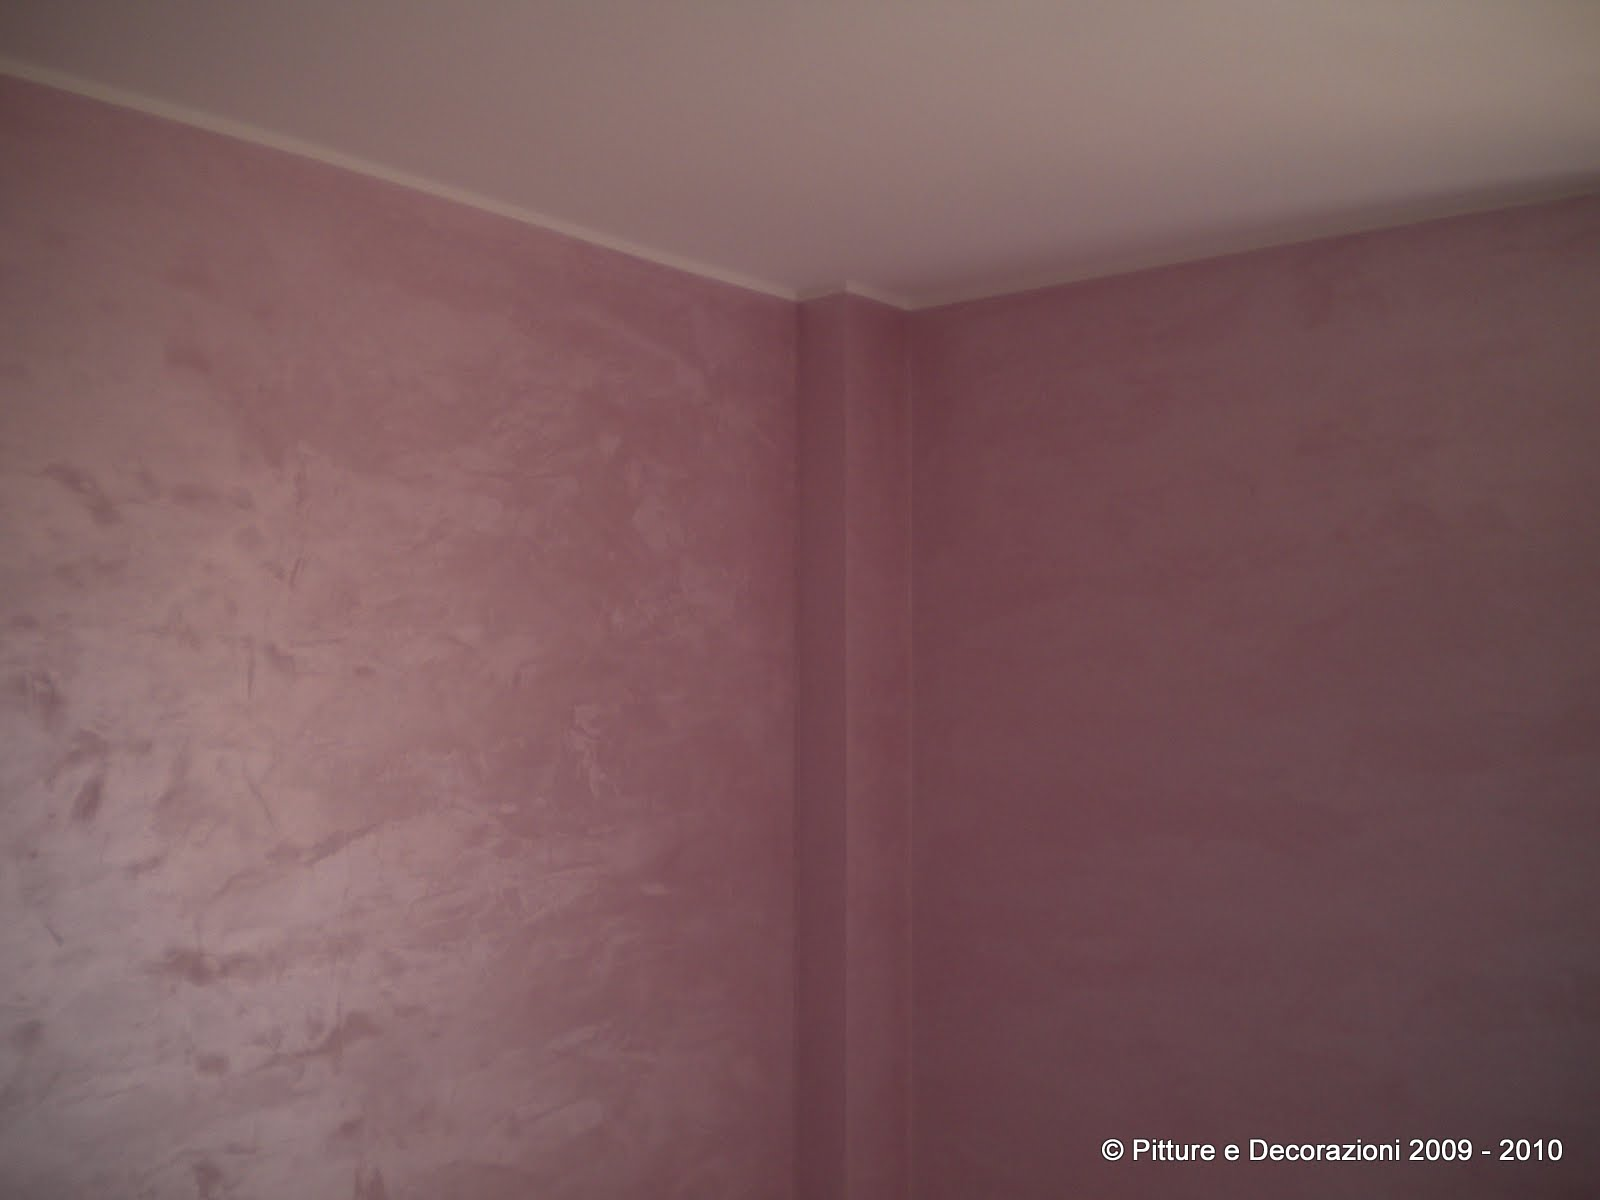 Pitture Per Interni Camere Da Letto.Pittura Murale Per Interni Colorata Fabulous Acrilico Pittura